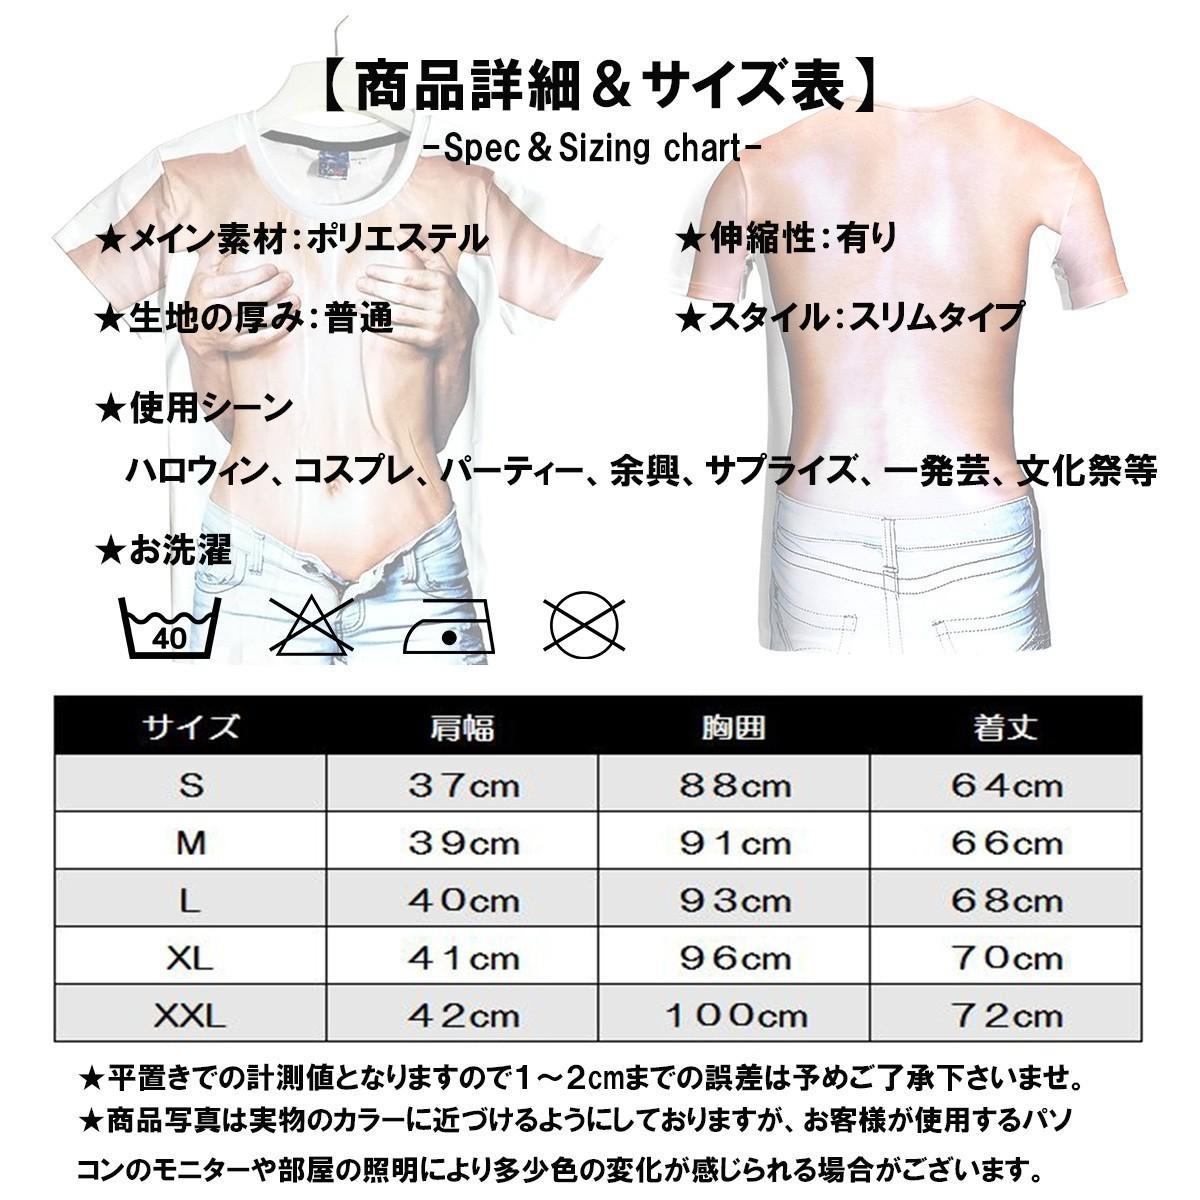 女性 セクシー おもしろ Tシャツ レディース コスプレ グッズ 衣装 (XL)